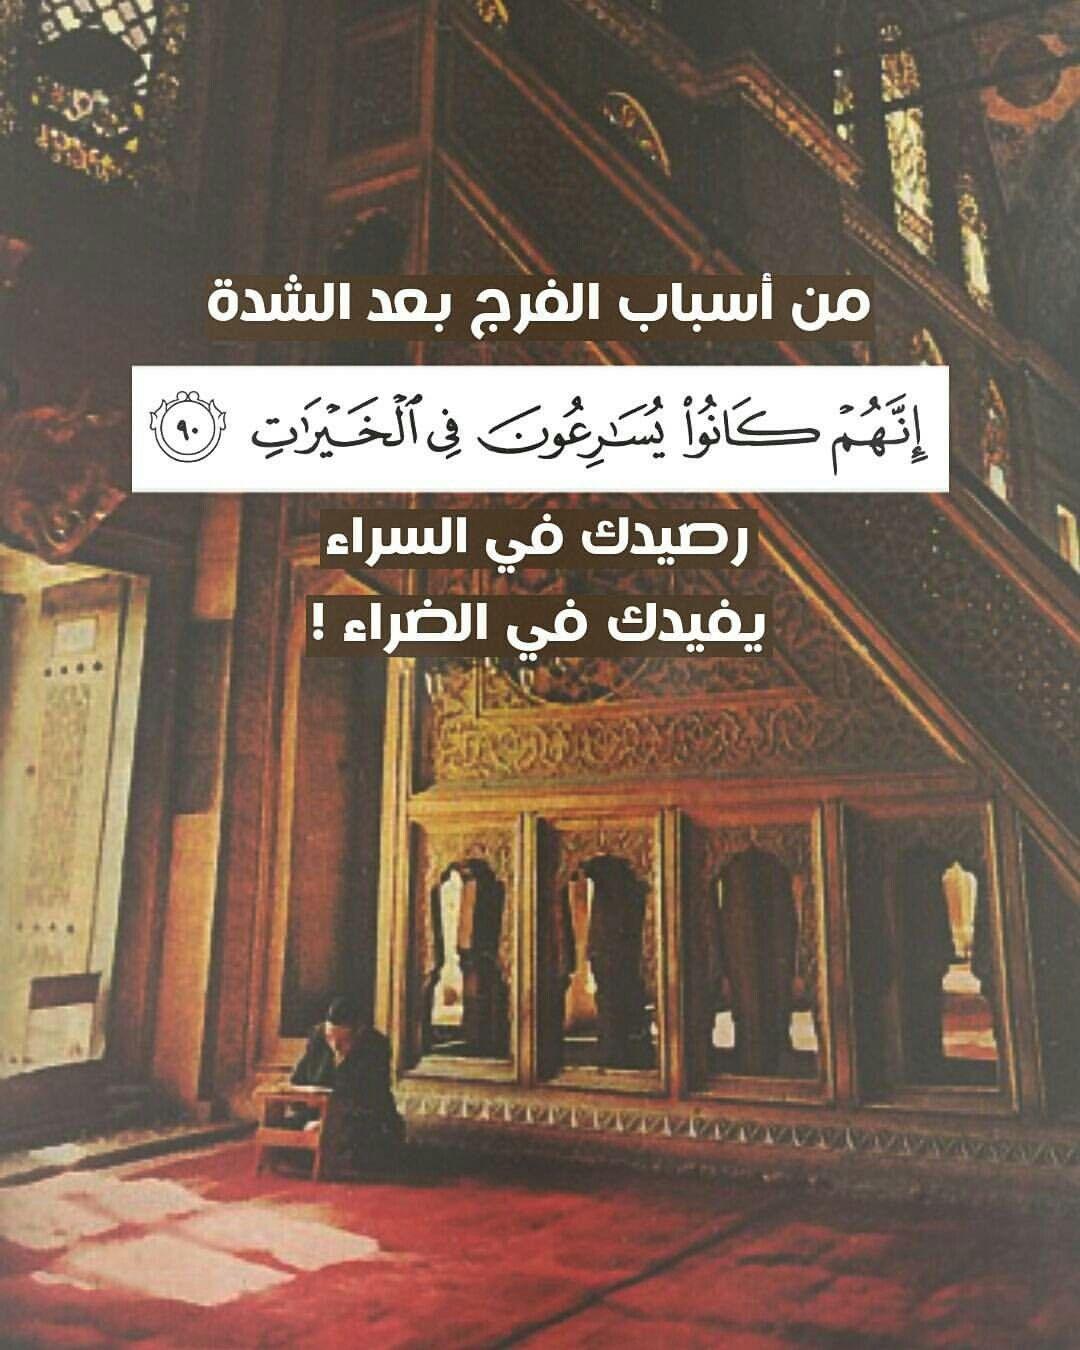 من أسباب الفرج بعد الش دة Quran Verses Quran Quotes Holy Quran